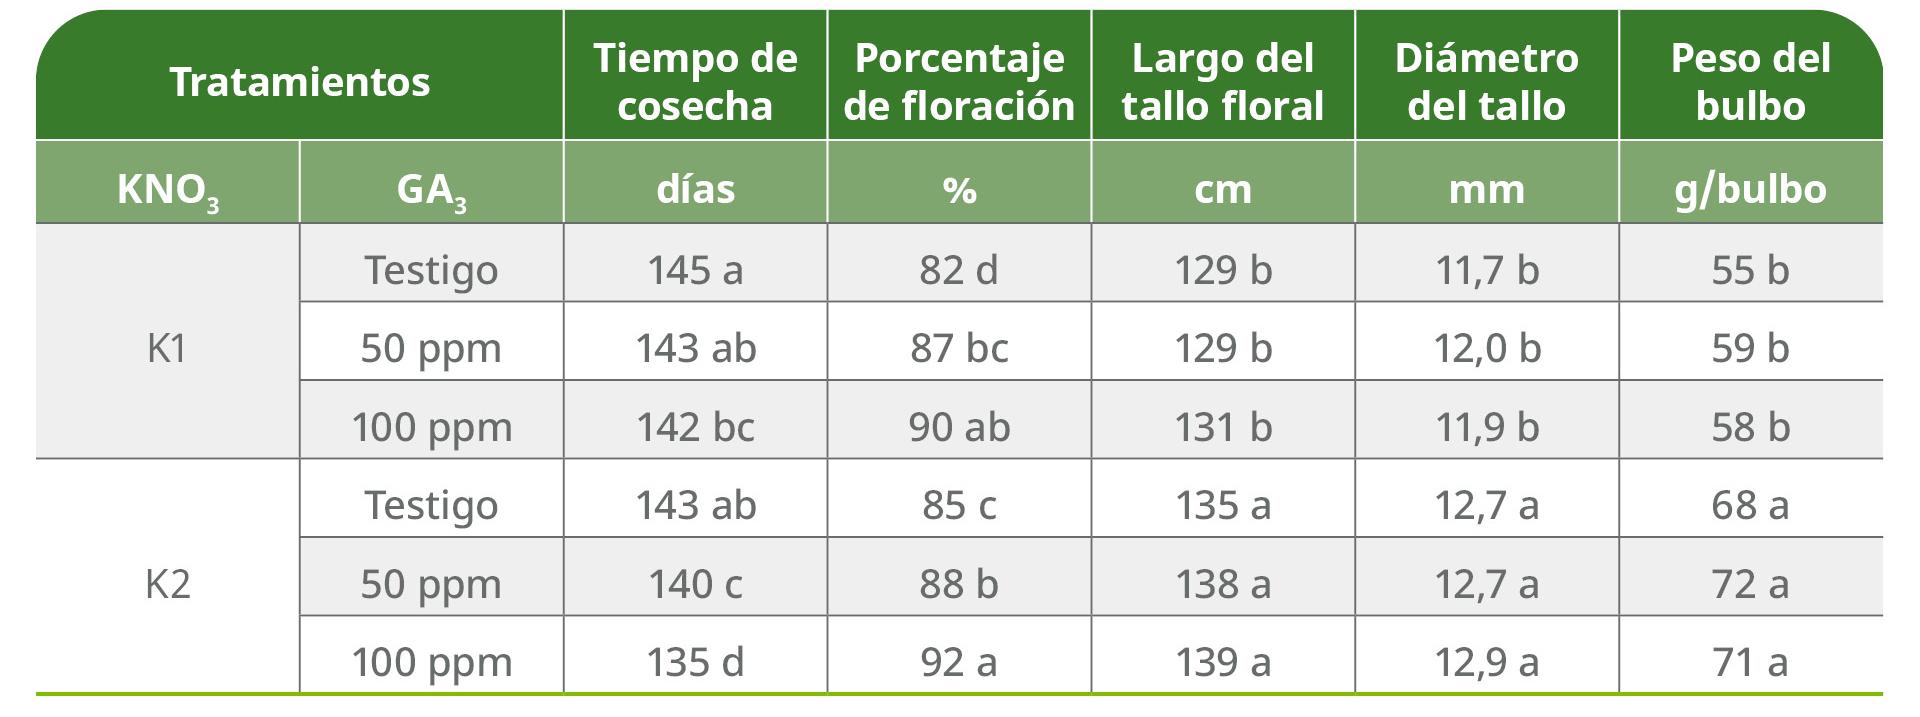 Nitrato de potasio en flor, el porcentaje de floración fue satisfactoria